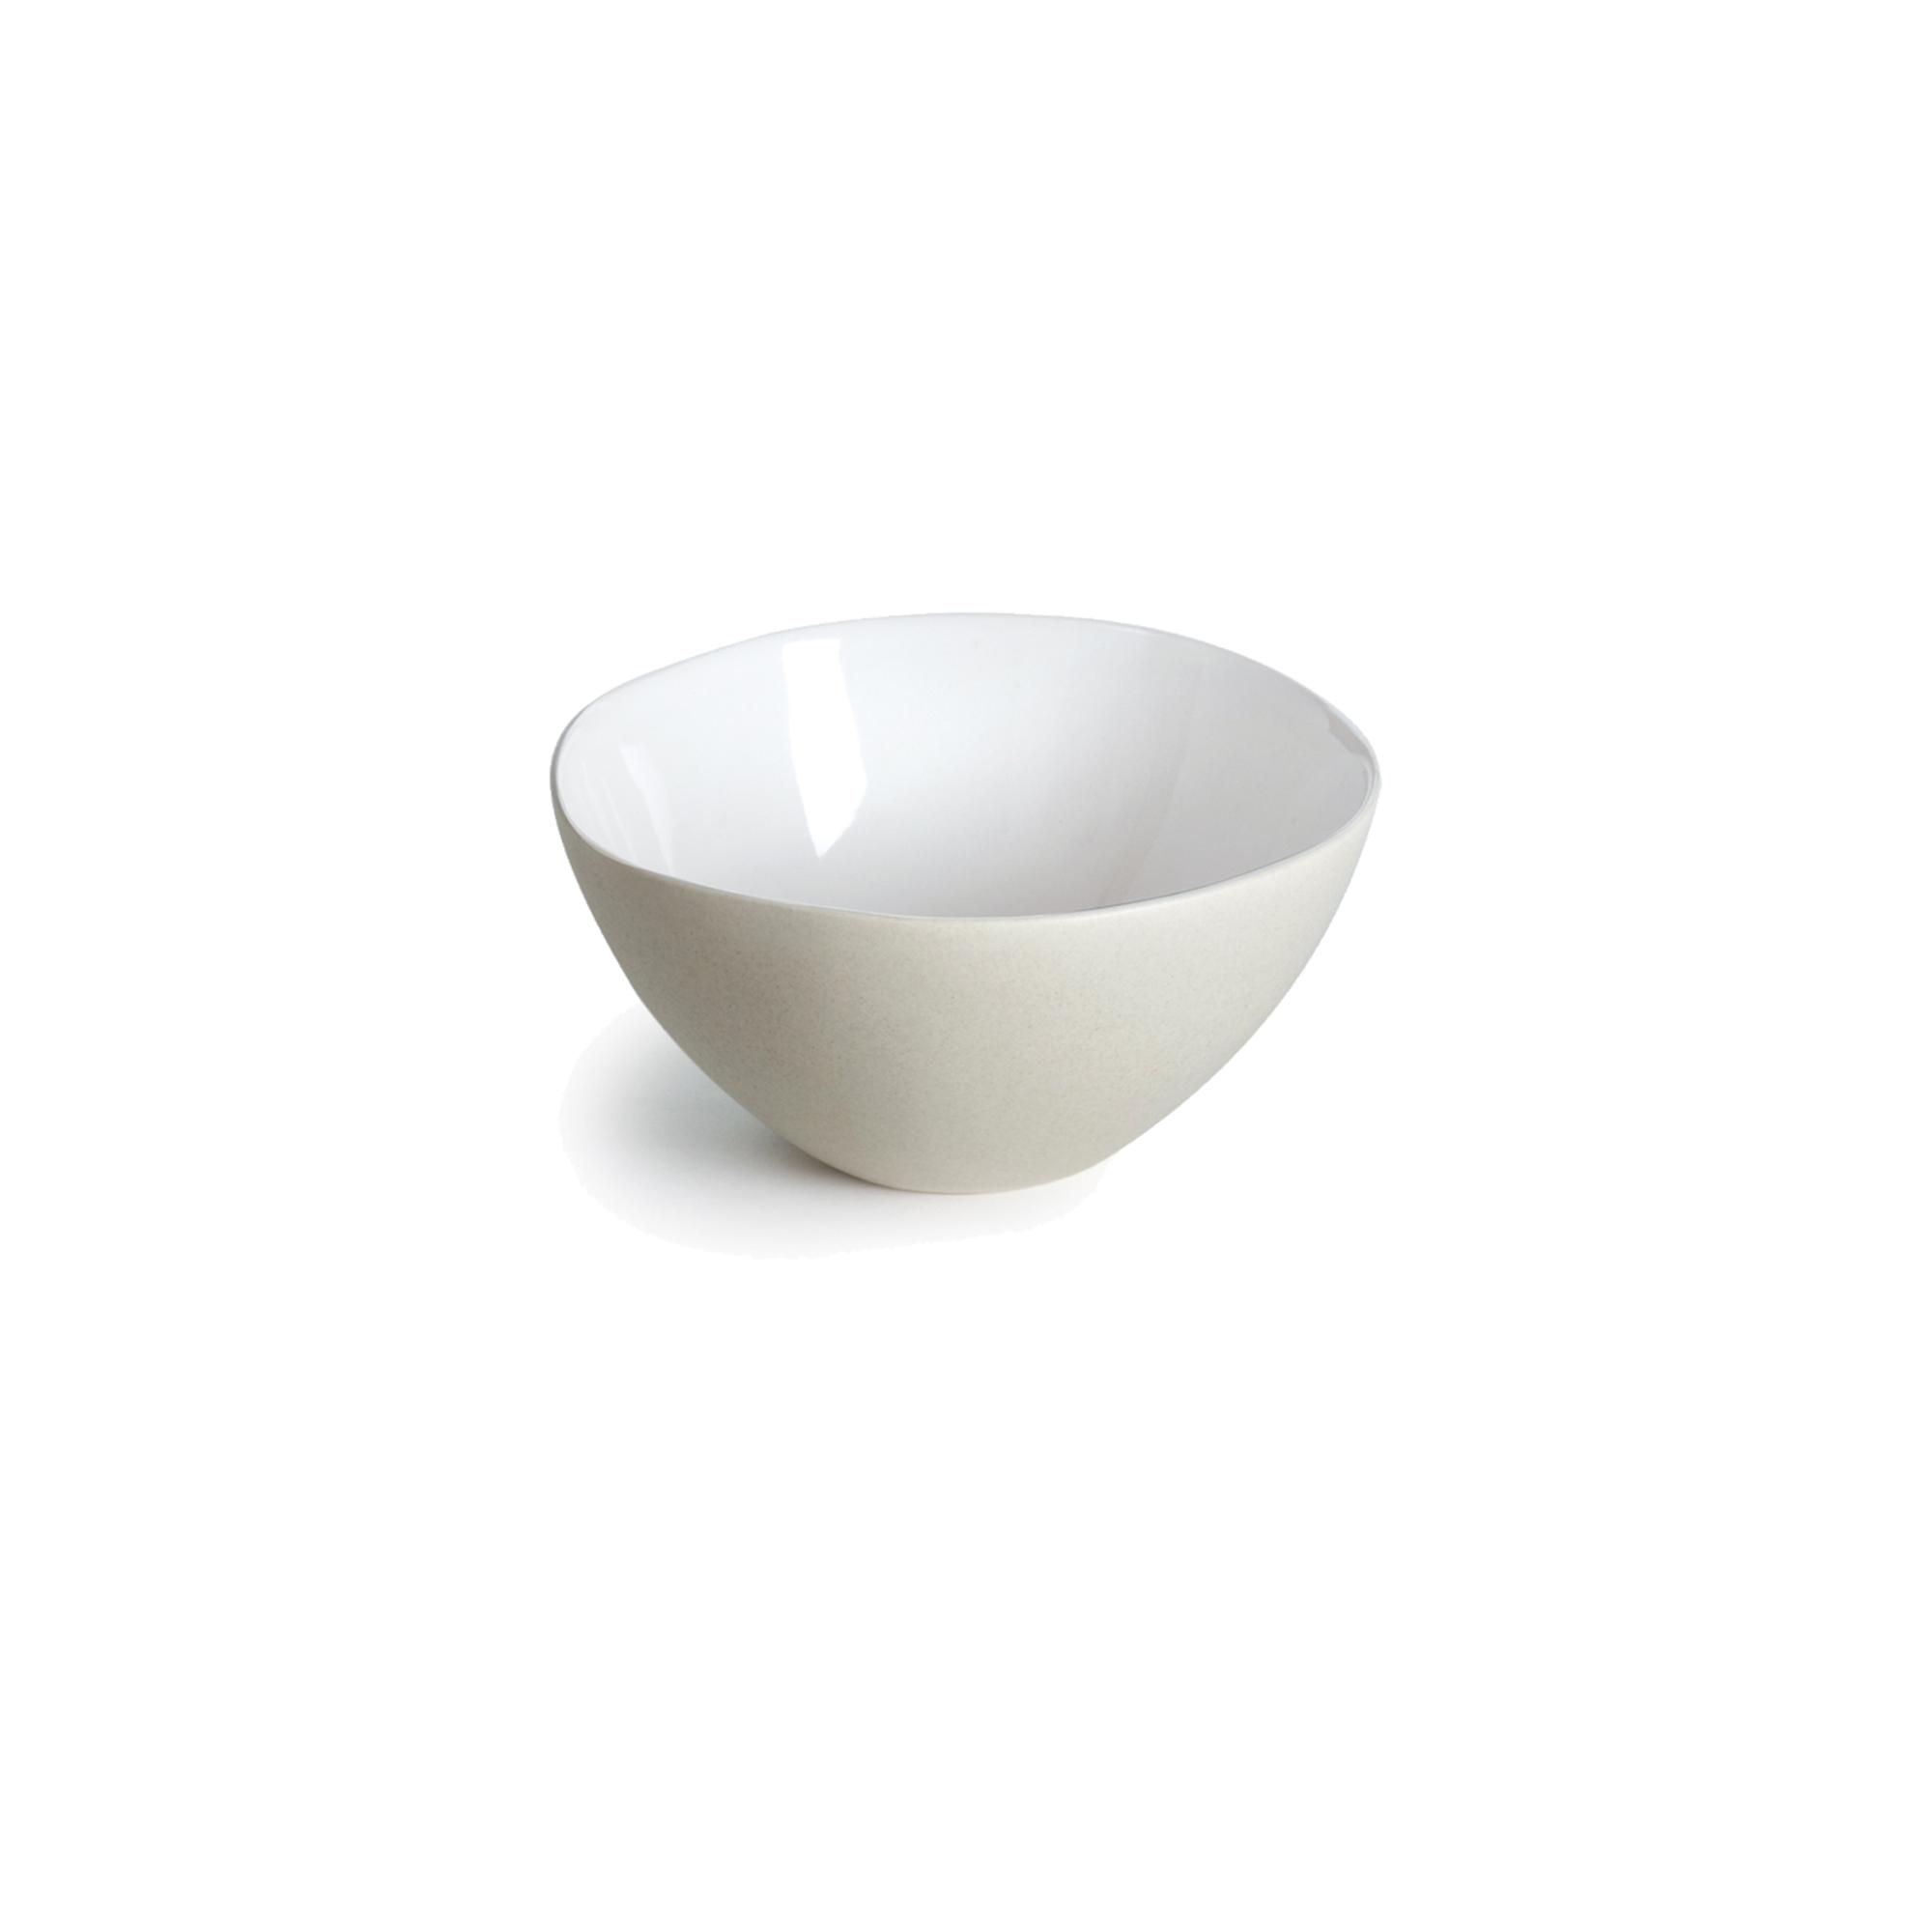 Coupelle en grès de table blanc 13 cm - Lot de 6